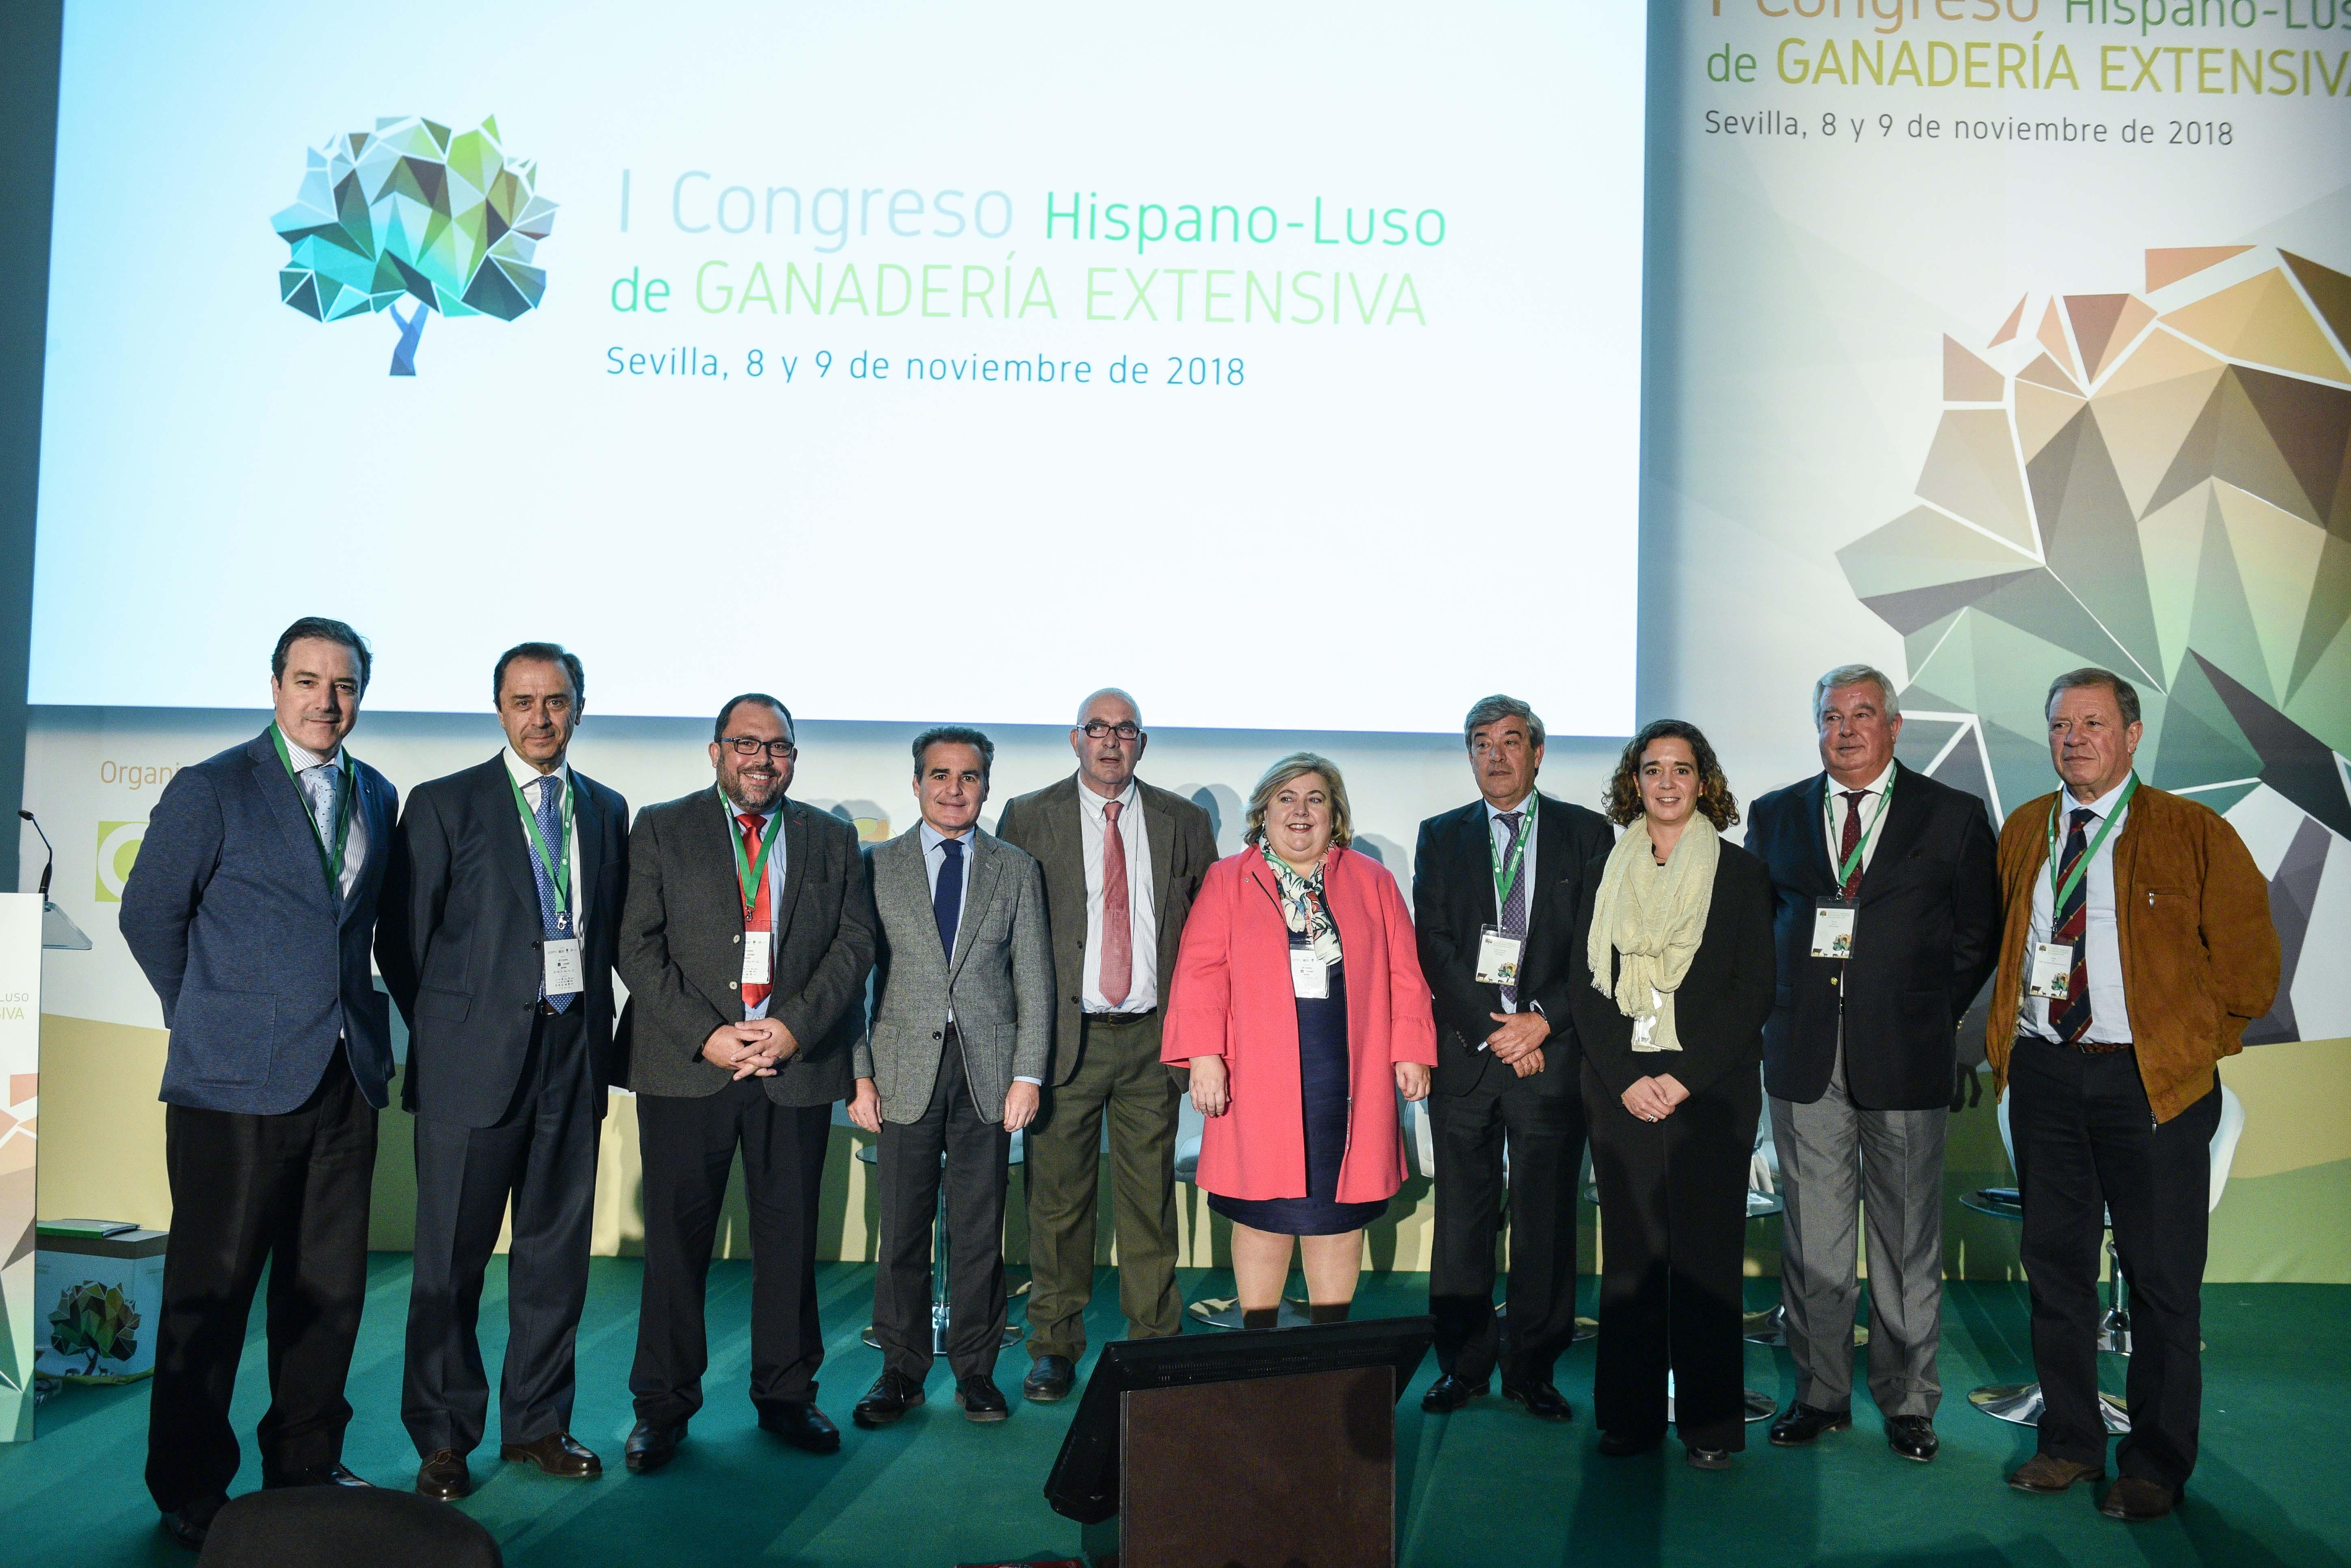 I Congreso Hispano-Luso de Ganadería Extensiva| COVAP